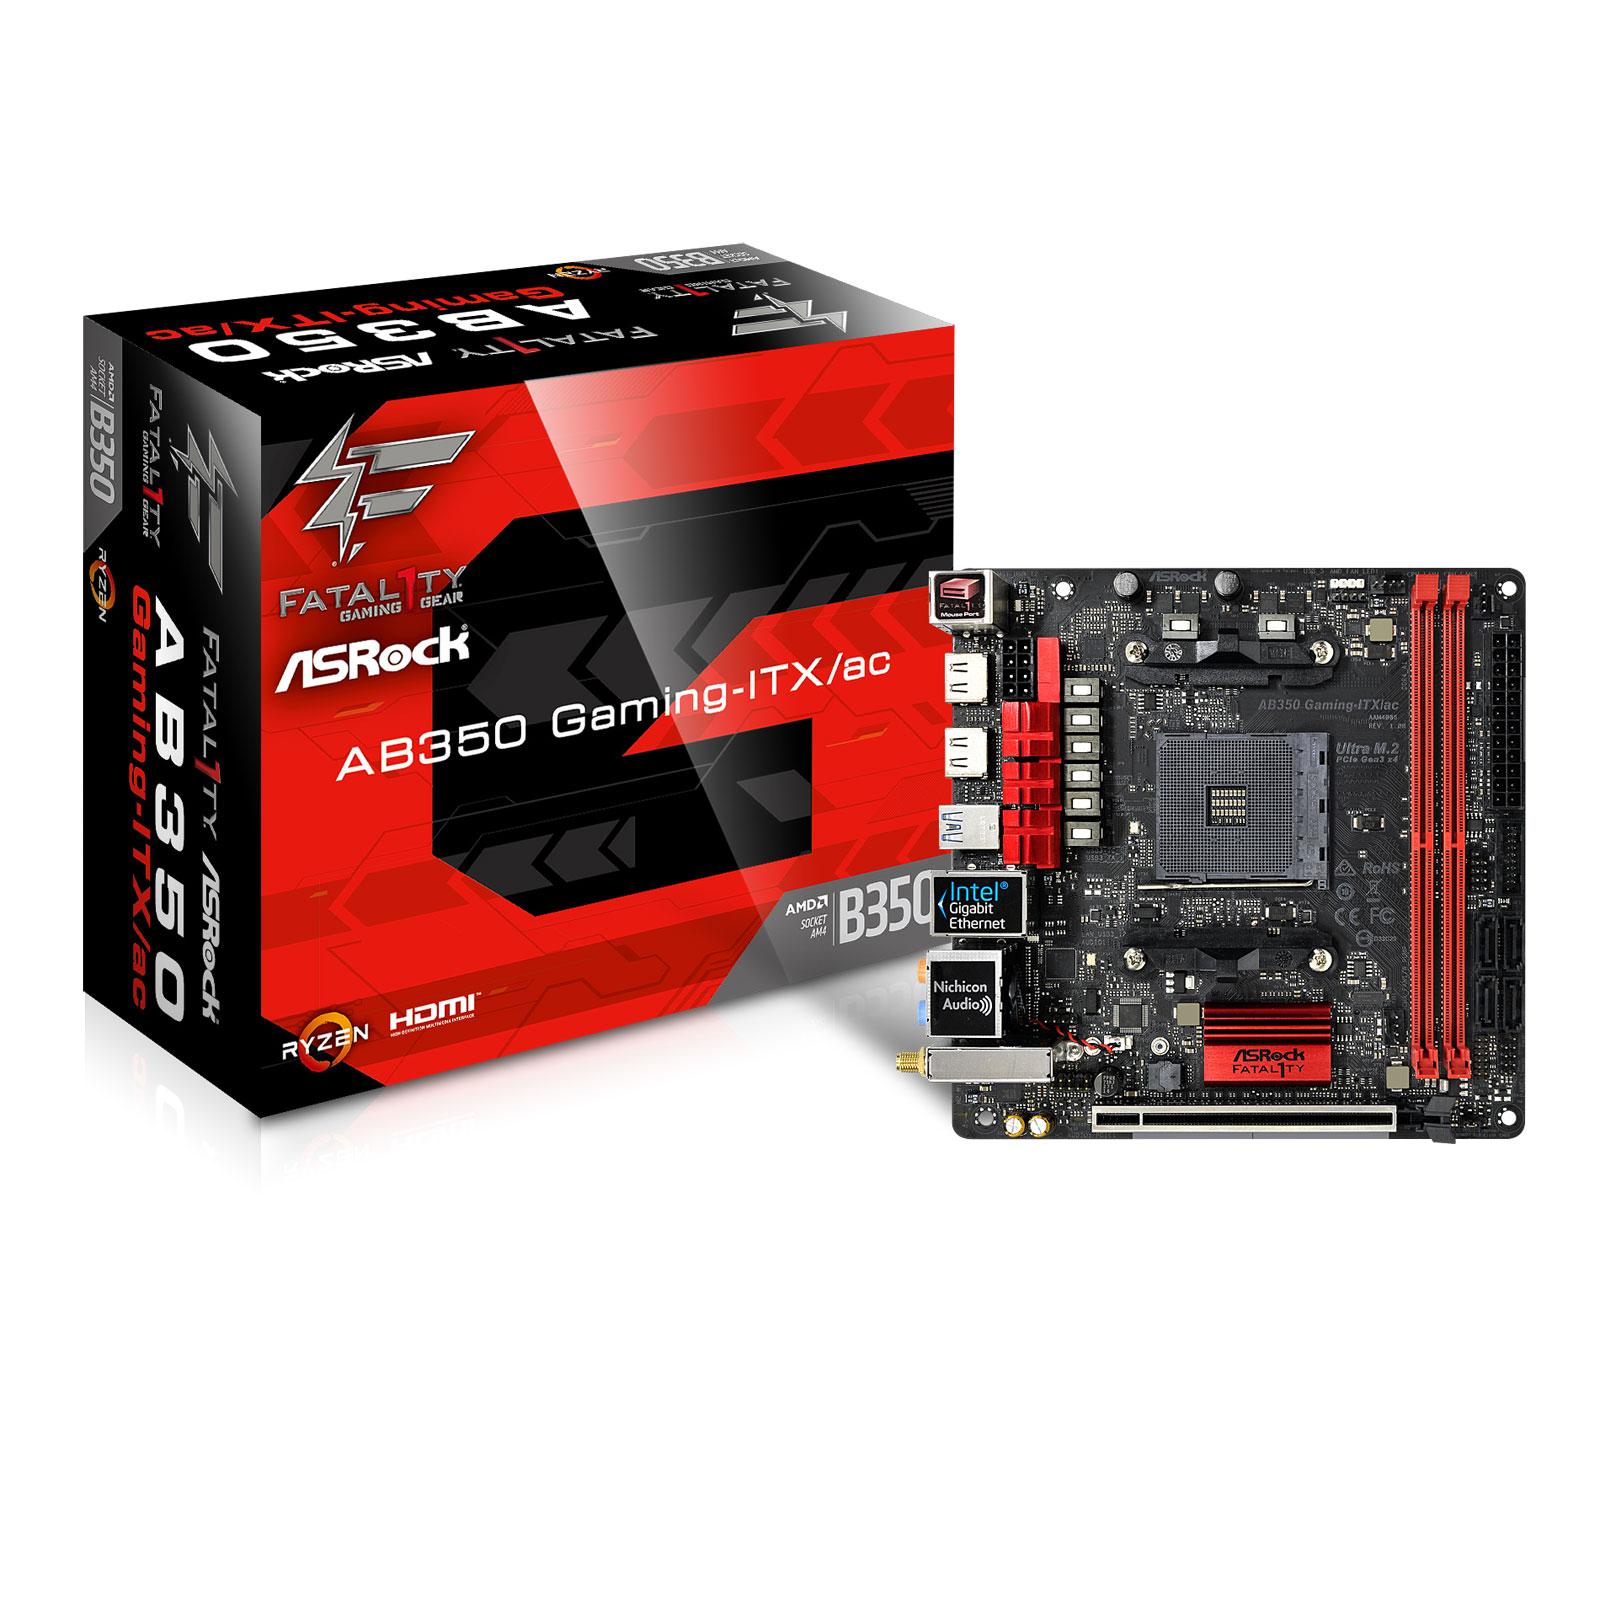 Carte mère ASRock Fatal1ty AB350 Gaming ITX/ac Carte mère mini ITX Socket AM4 AMD B350 - 2x DDR4 - SATA 6Gb/s + U.2 - USB 3.0 - 1x PCI-Express 3.0 16x - Wi-Fi AC/Bluetooth 4.2